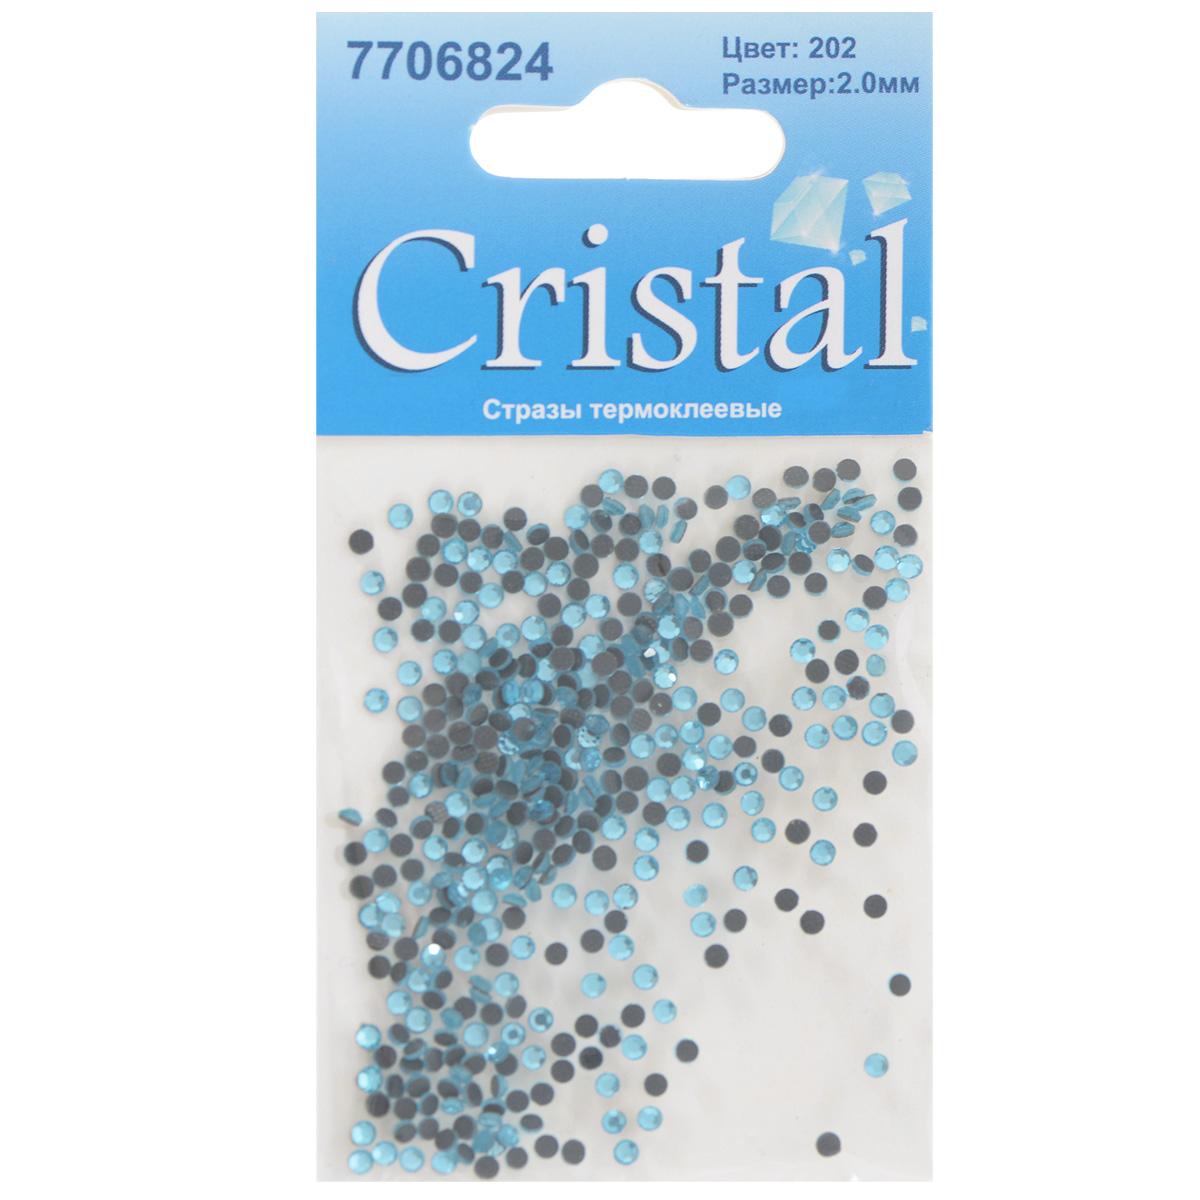 Стразы термоклеевые Cristal, цвет: голубой (202), диаметр 2 мм, 432 шт7706824_202Набор термоклеевых страз Cristal, изготовленный из высококачественного акрила, позволит вам украсить одежду, аксессуары или текстиль. Яркие стразы имеют плоское дно и круглую поверхность с гранями.Дно термоклеевых страз уже обработано особым клеем, который под воздействием высоких температур начинает плавиться, приклеиваясь, таким образом, к требуемой поверхности. Чаще всего их используют в текстильной промышленности: стразы прикладывают к ткани и проглаживают утюгом с обратной стороны. Также можно использовать специальный паяльник. Украшение стразами поможет сделать любую вещь оригинальной и неповторимой. Диаметр страз: 2 мм.